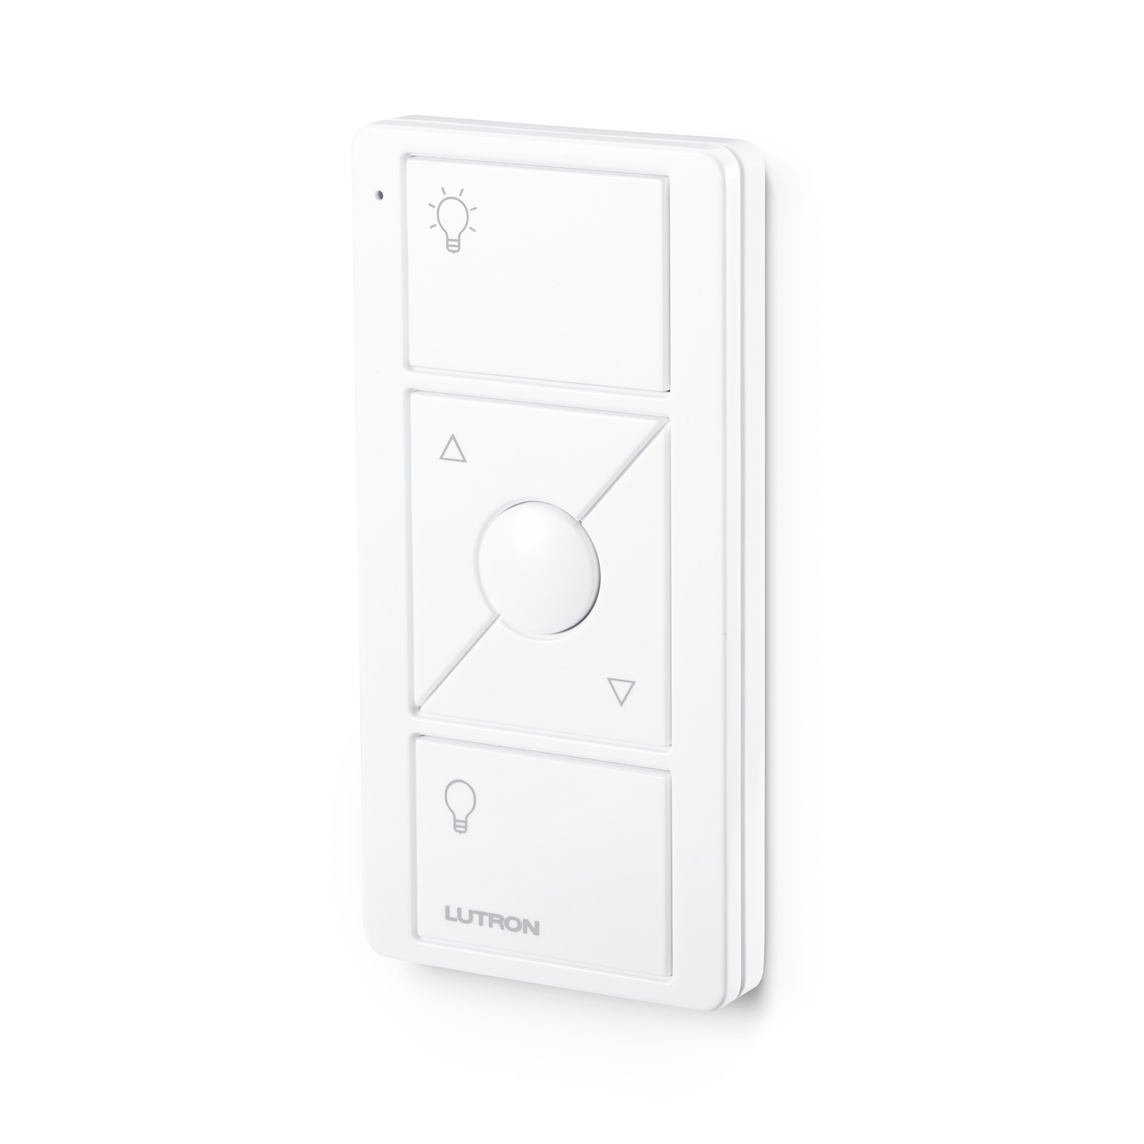 Smart Light Switch >> Lutron Caseta Wireless Smart Lighting Dimmer Switch Starter Kit